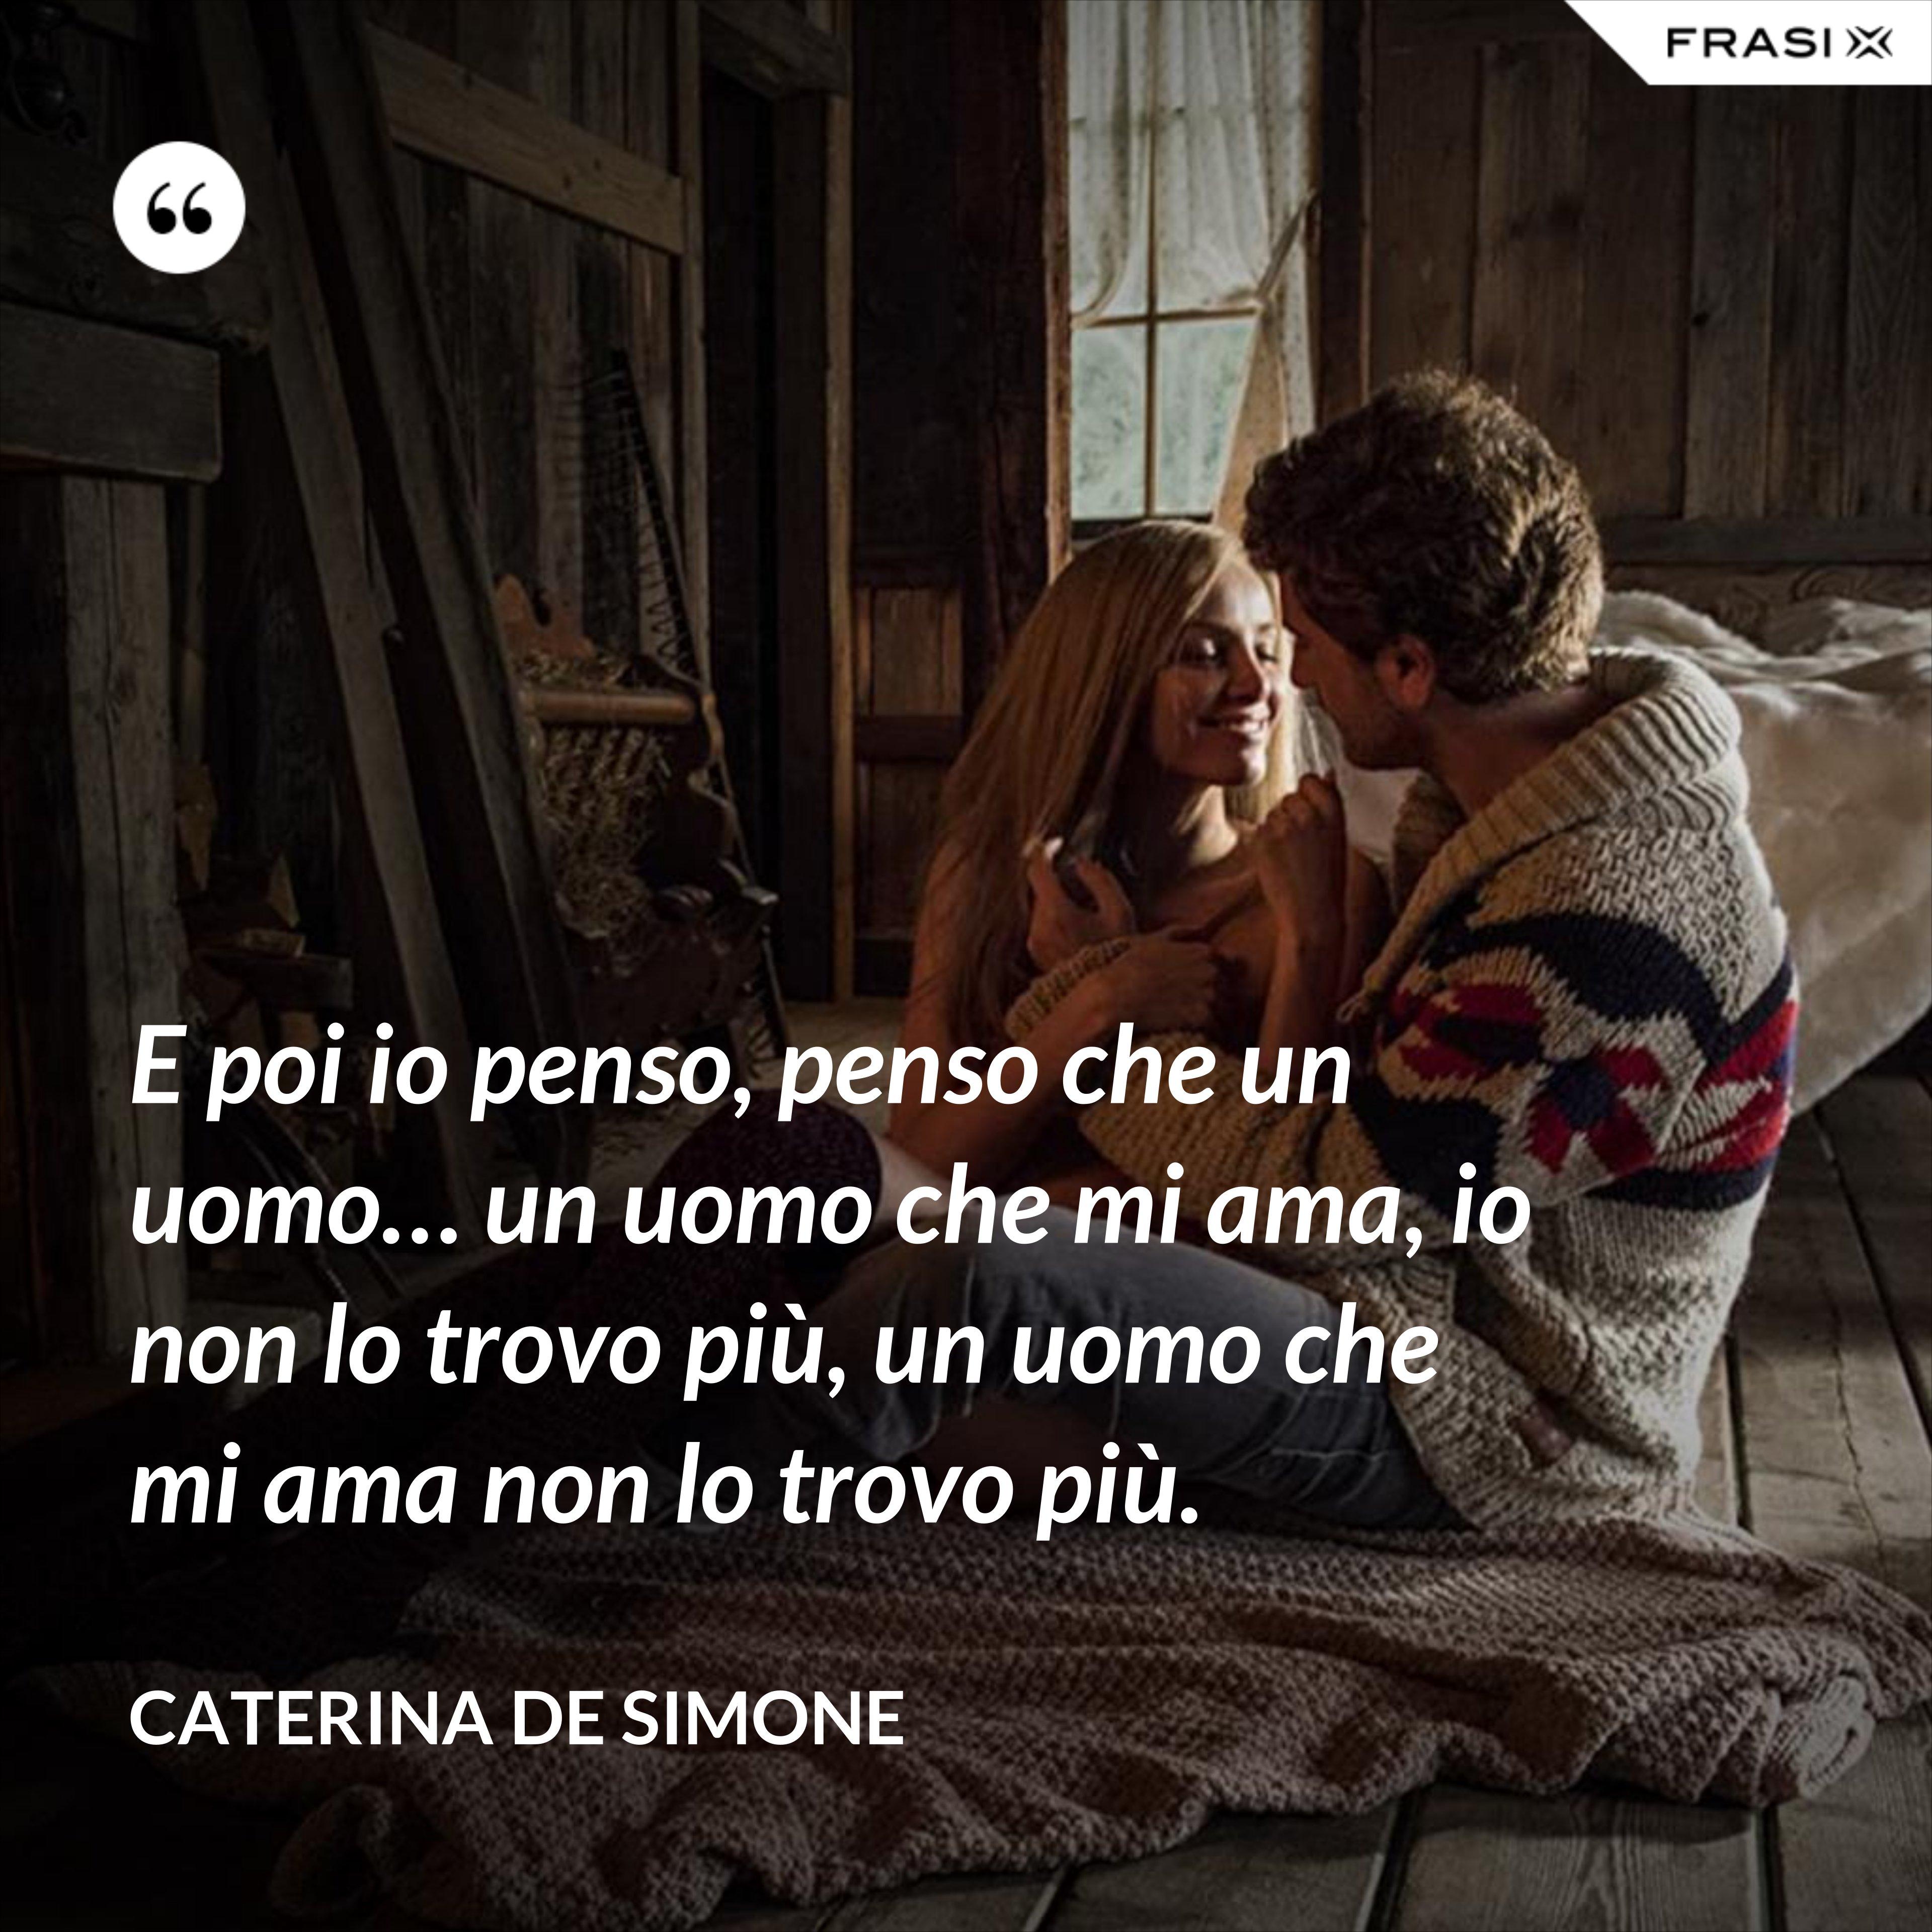 E poi io penso, penso che un uomo… un uomo che mi ama, io non lo trovo più, un uomo che mi ama non lo trovo più. - Caterina De Simone